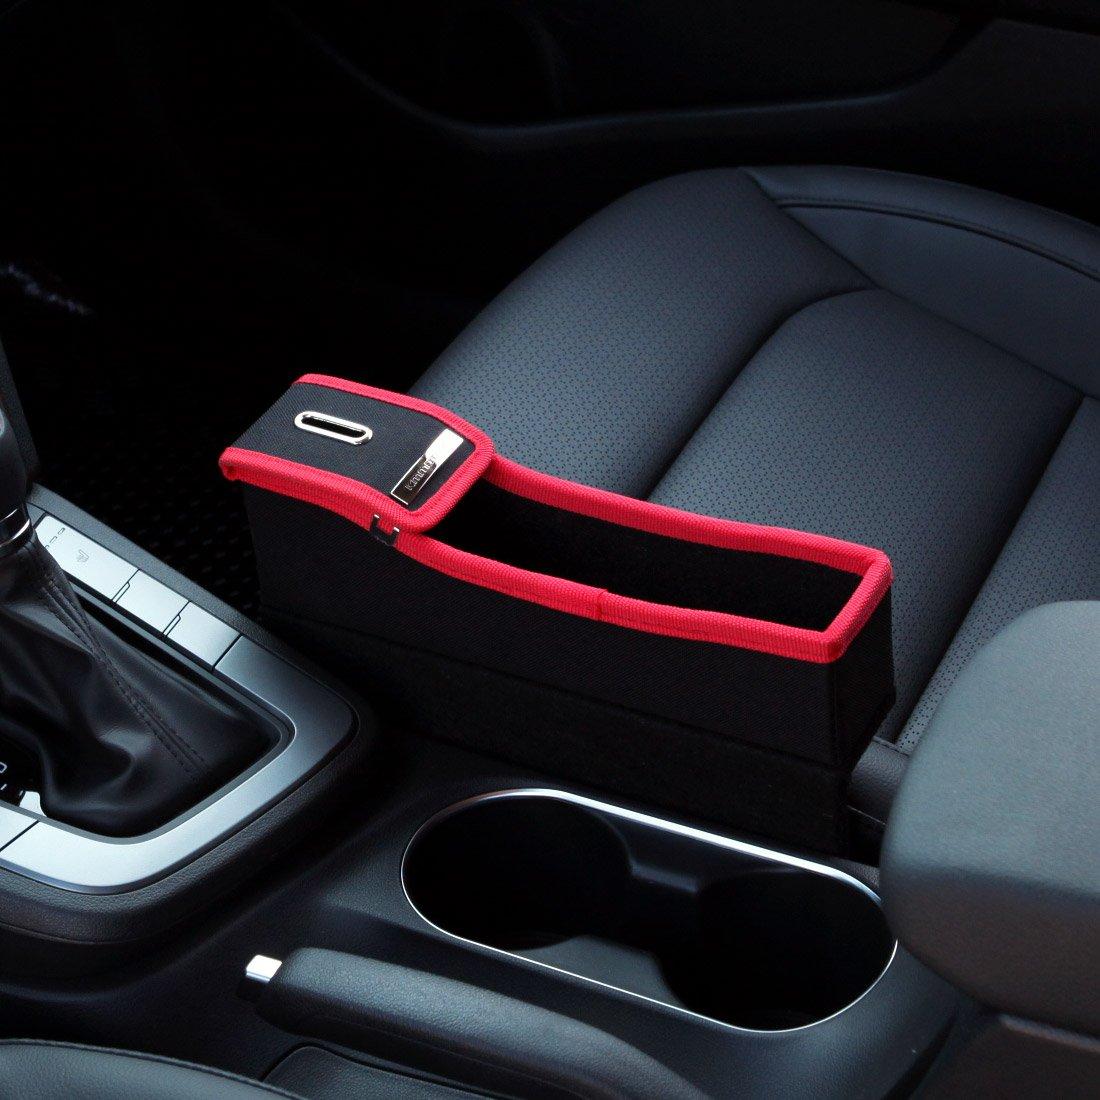 KMMOTORS Coin Side Pocket, Console Side Pocket, Car Organizer (Black Passenger Without Cupholder)